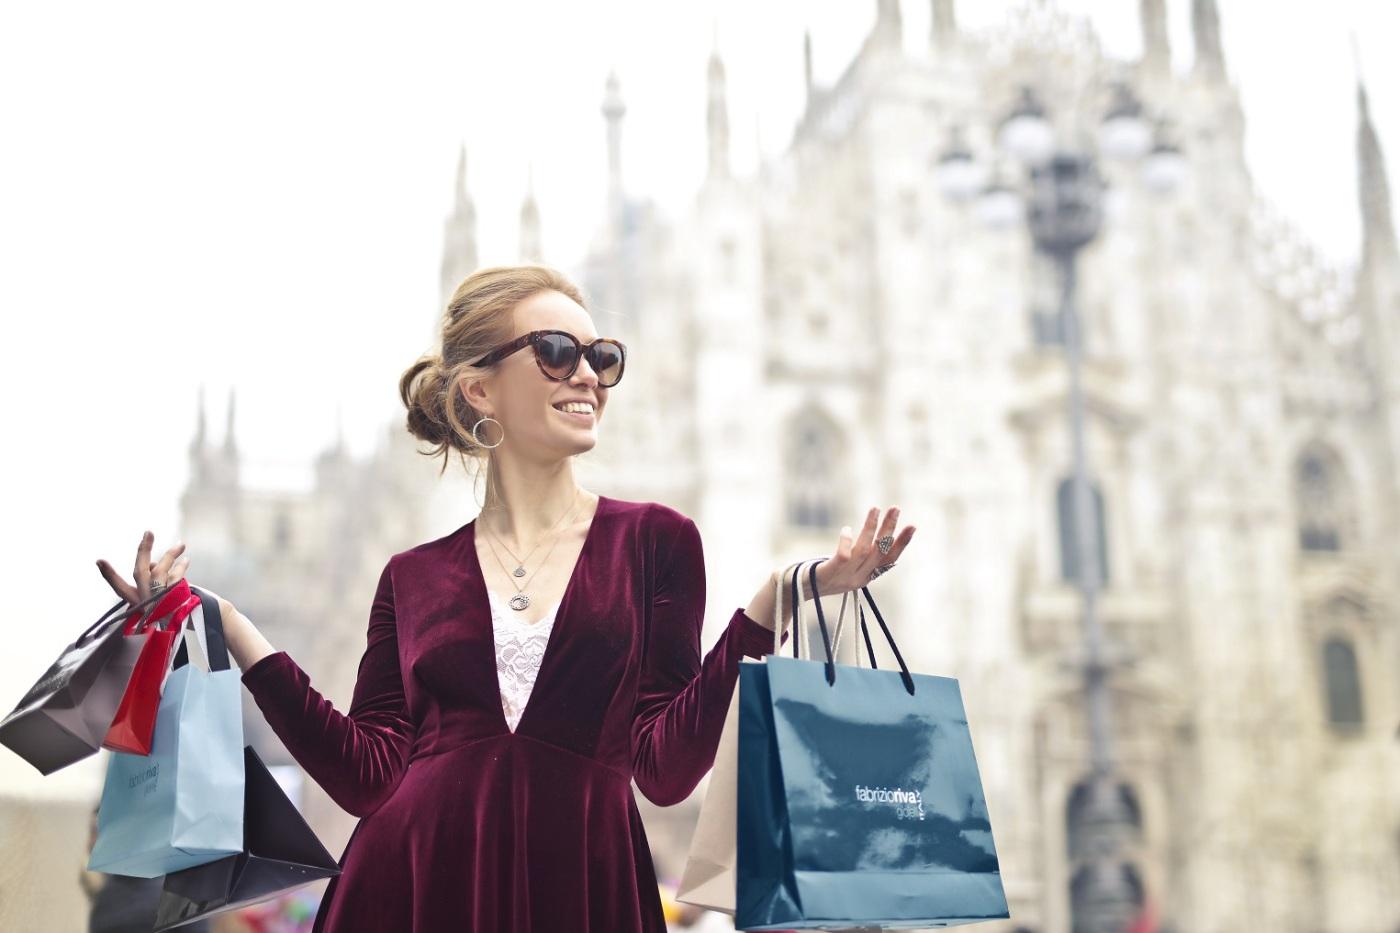 Designer handbags for under £500 for autumn/winter 2018-9